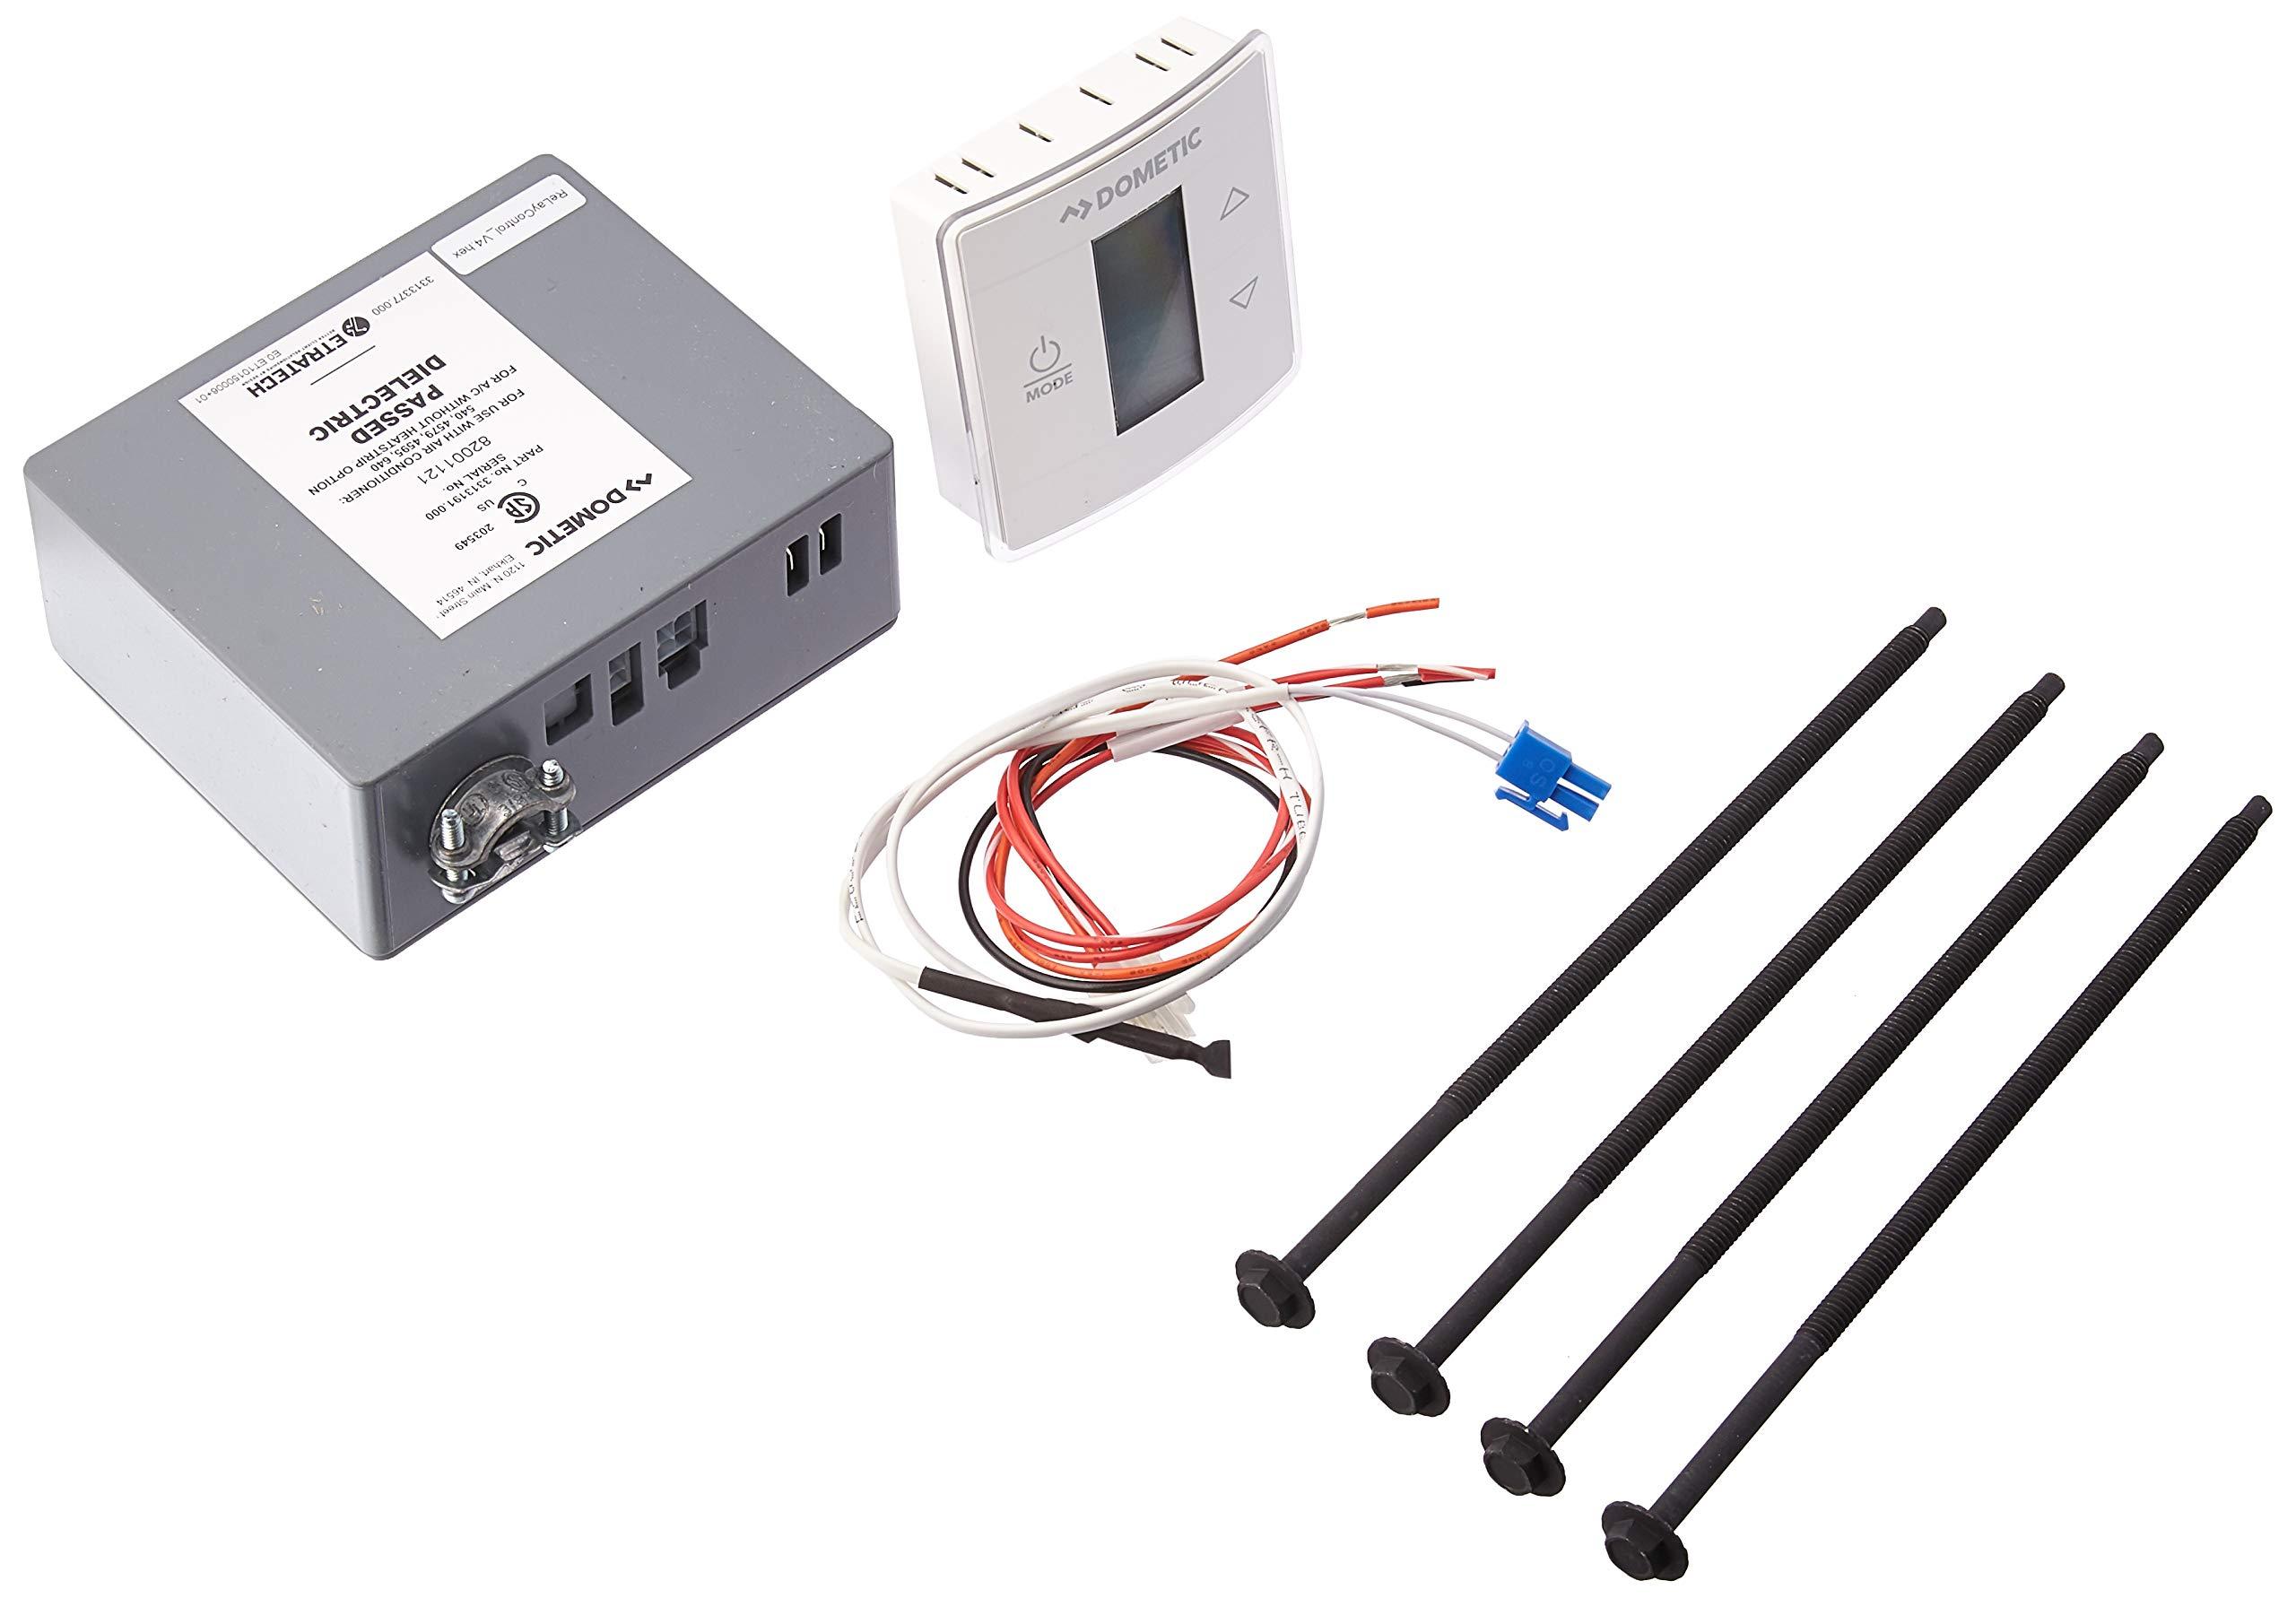 Dometic 3316230.000 Rv Thermostats(Ctrl Kit, Ct Std-C/F-Wht)